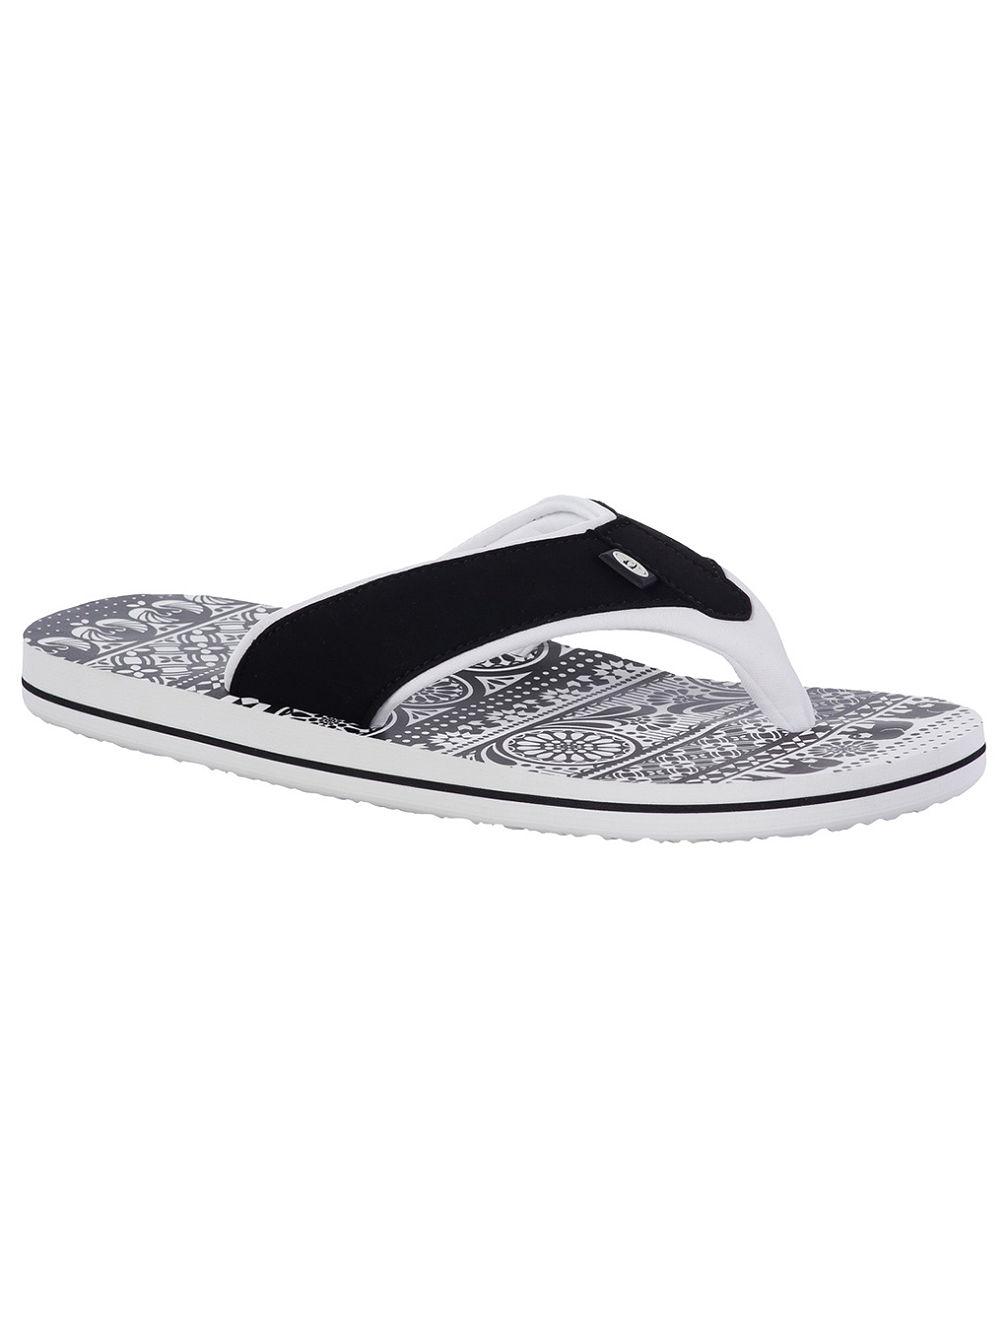 swish-aop-sandals-women